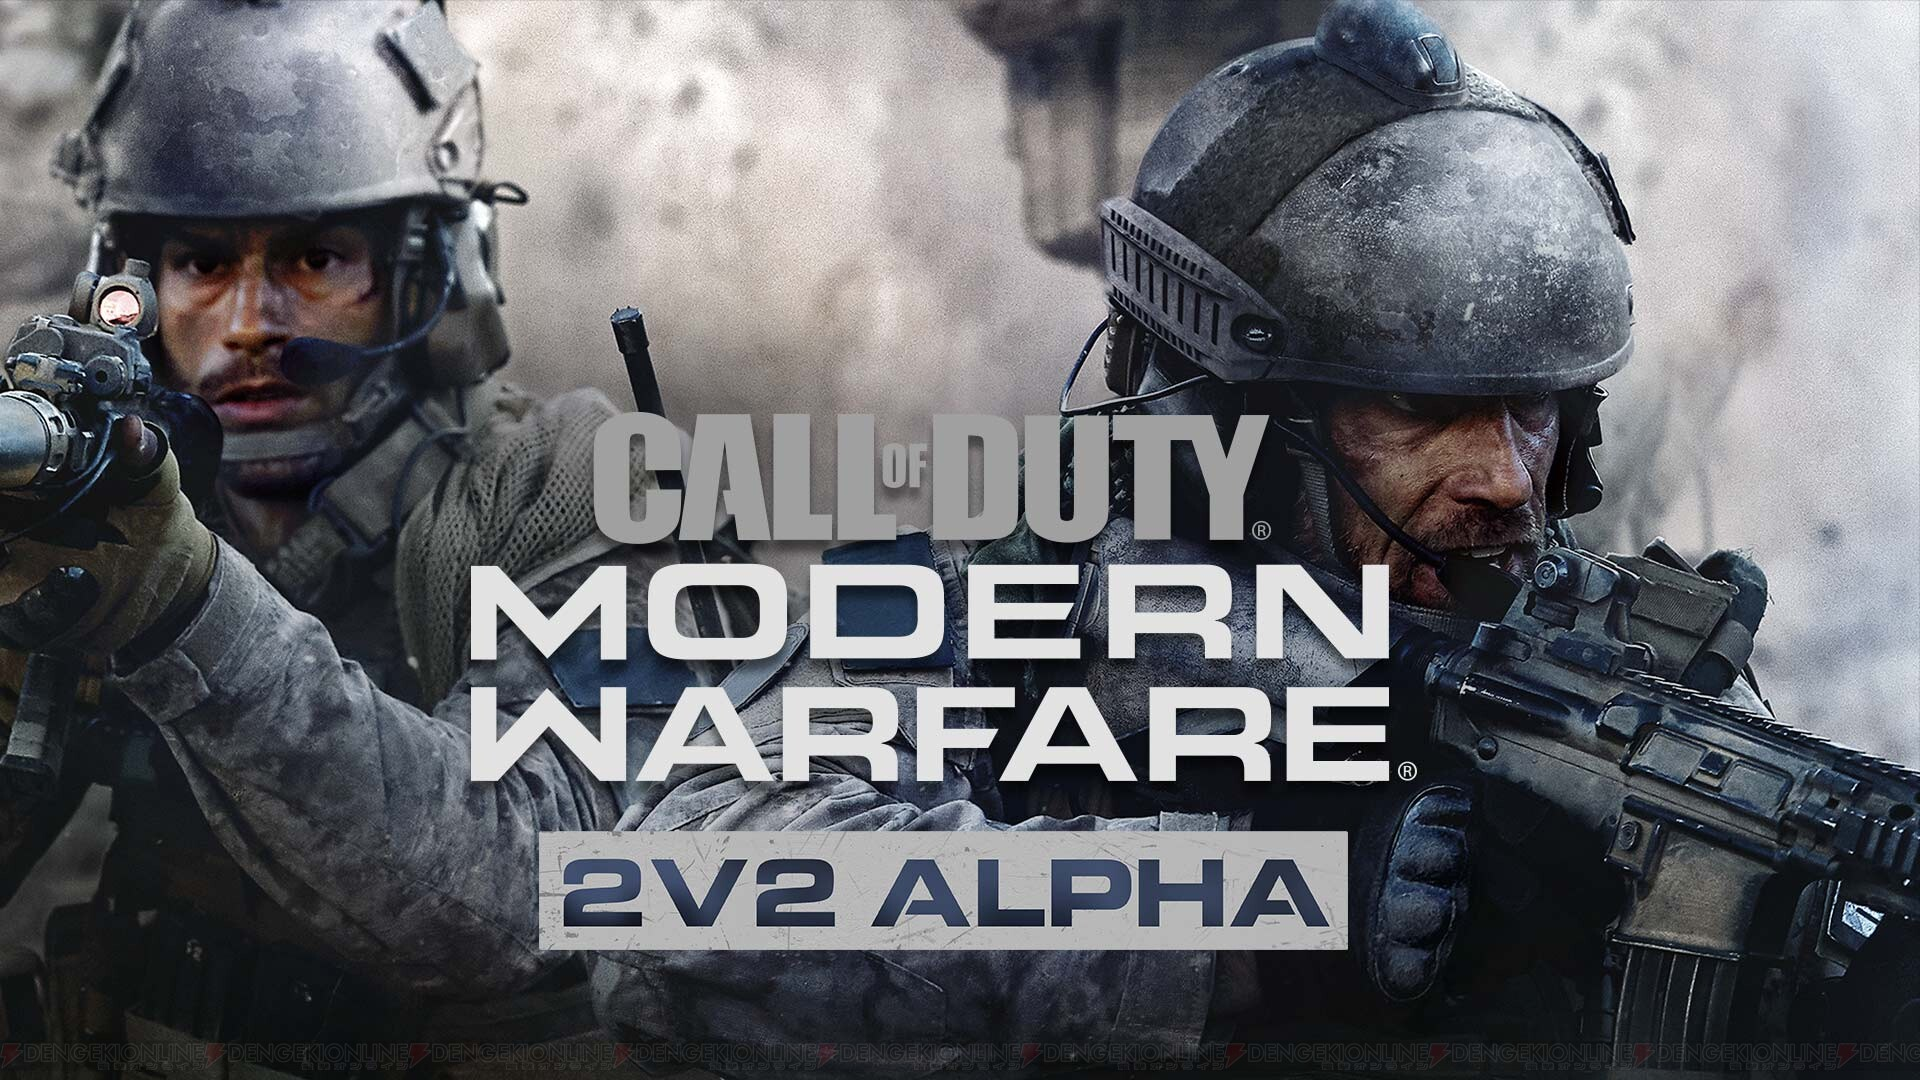 Cod Mw 新モードgunfightを遊べる2v2アルファが開催 電撃オンライン